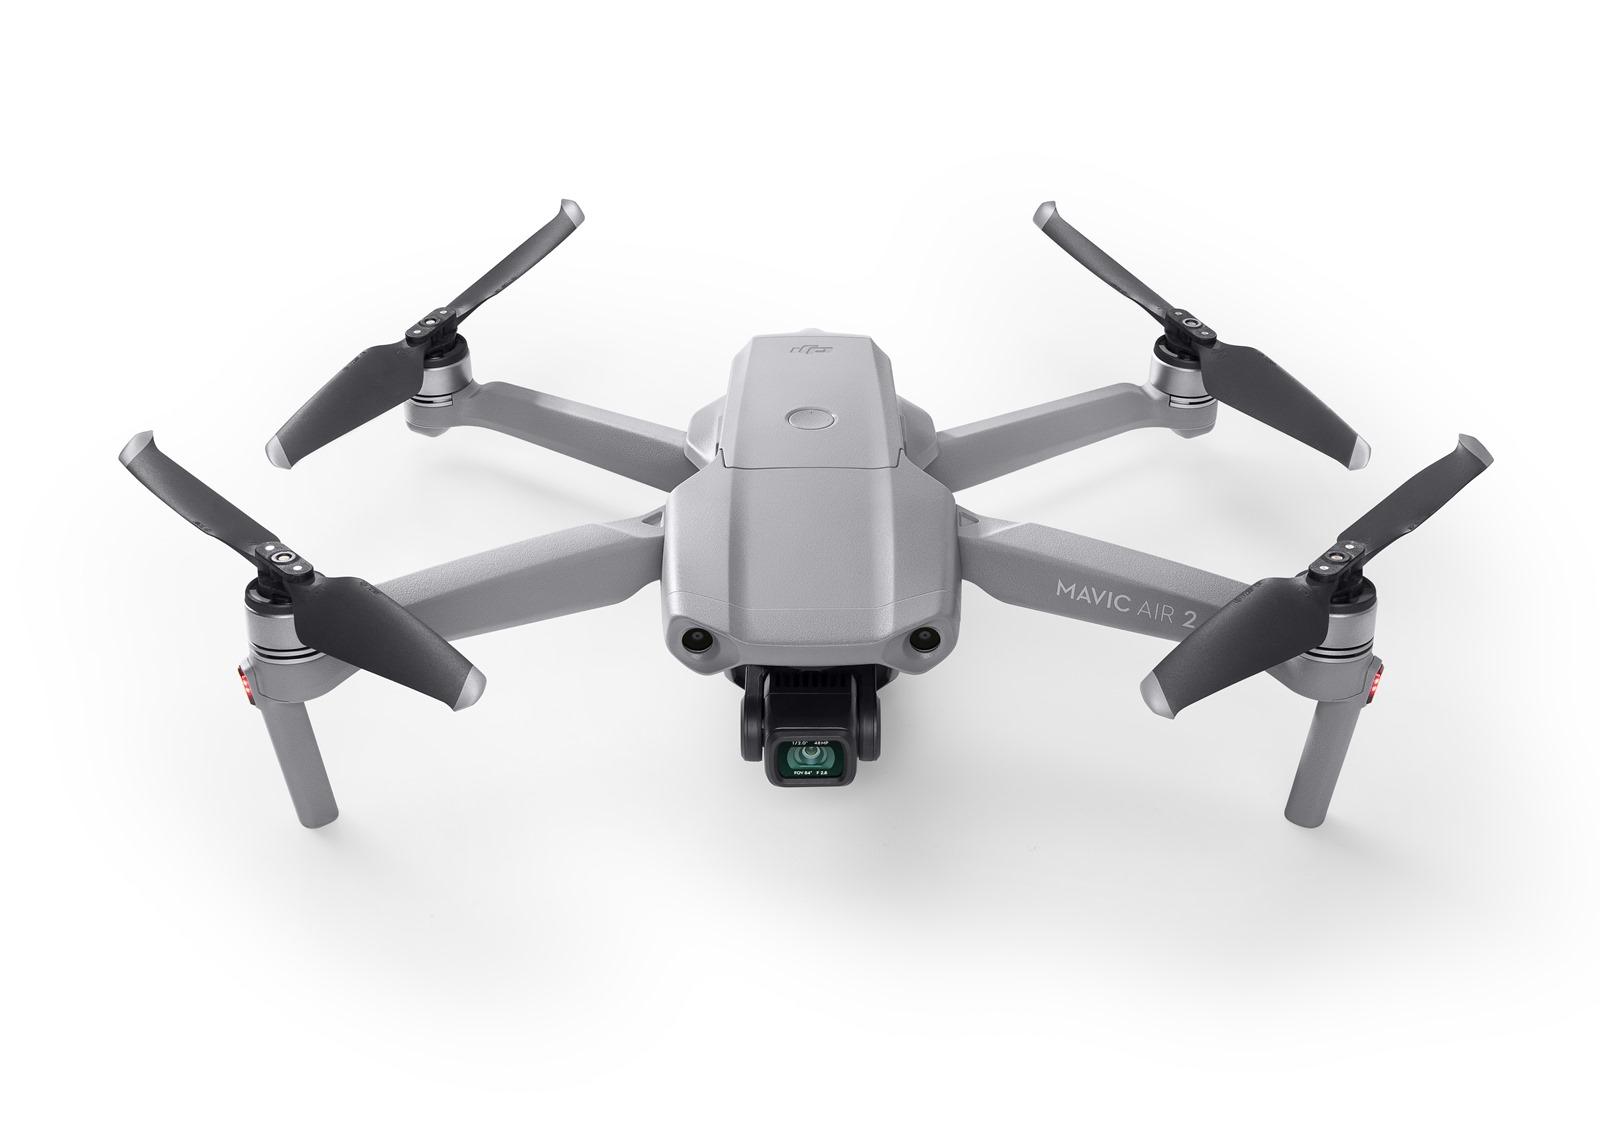 DJI發佈Mavic Air 2,令航拍創作更進一步!DJI迄今最智能、安全、易用的消費級航拍機!